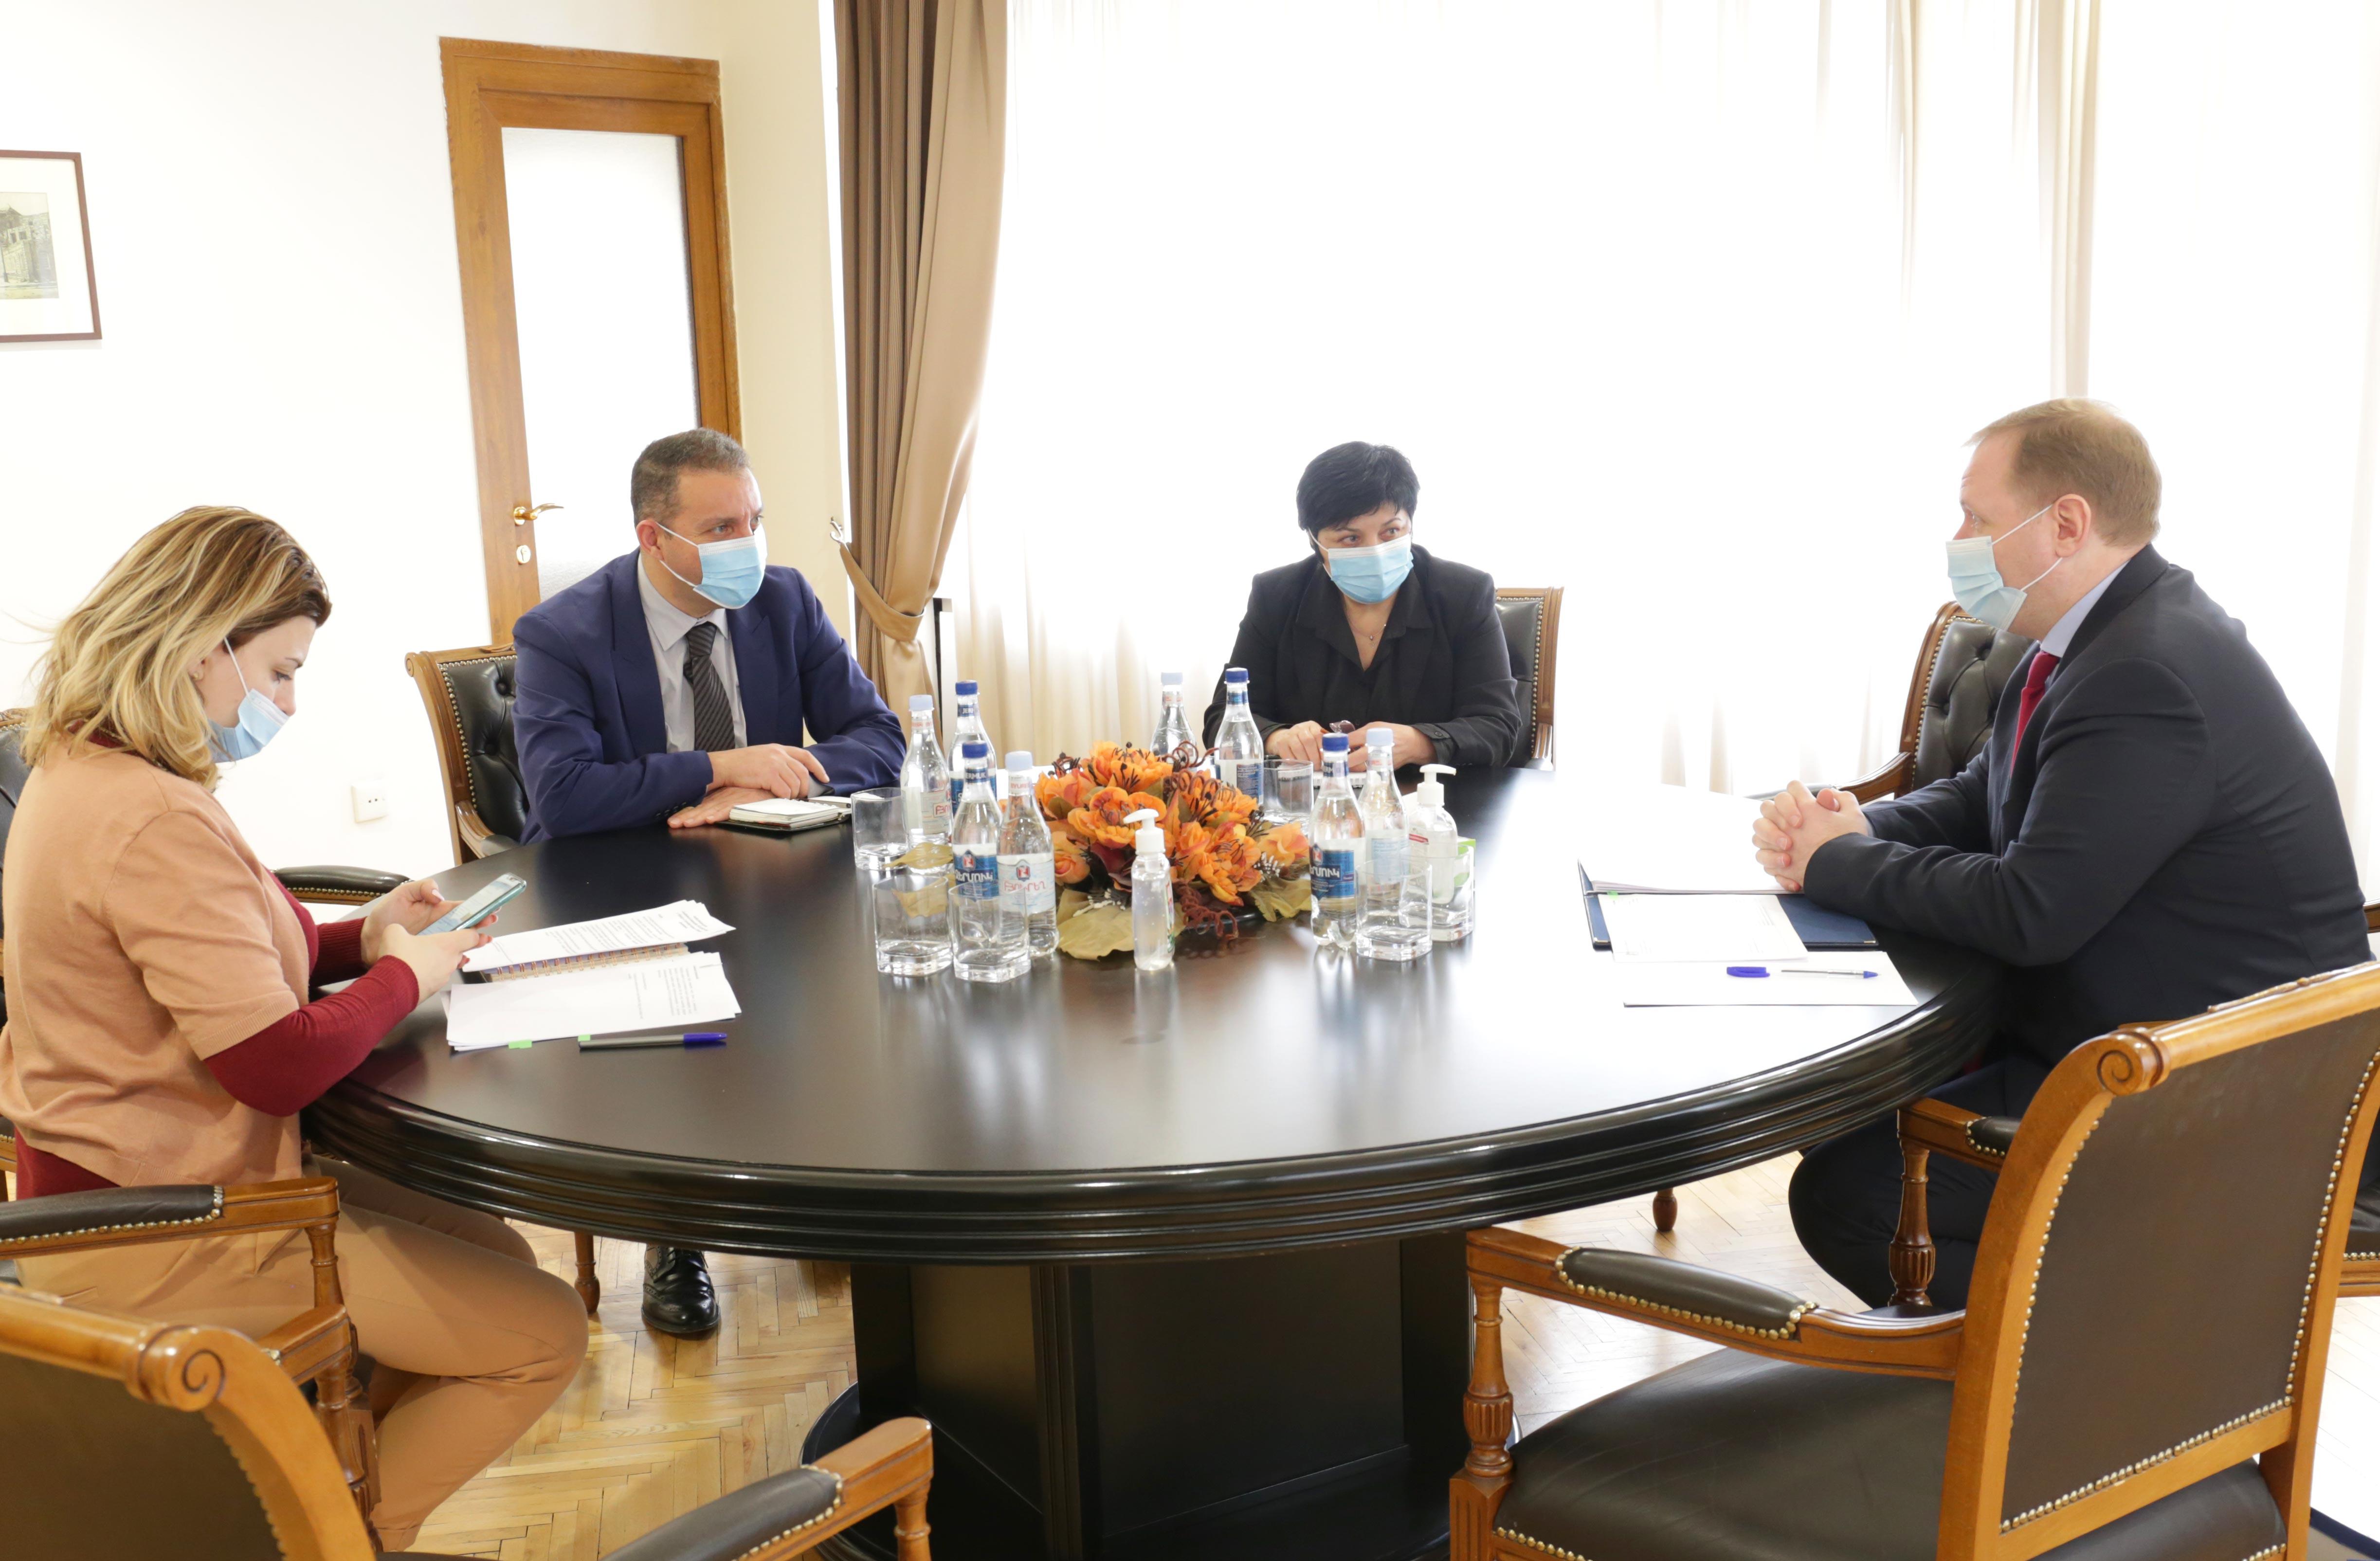 Վահան Քերոբյանը և «Հարավկովկասյան երկաթուղի» ՓԲԸ գլխավոր տնօրեն Ալեքսեյ Մելնիկովը քննարկել են համագործակցության հեռանկարները